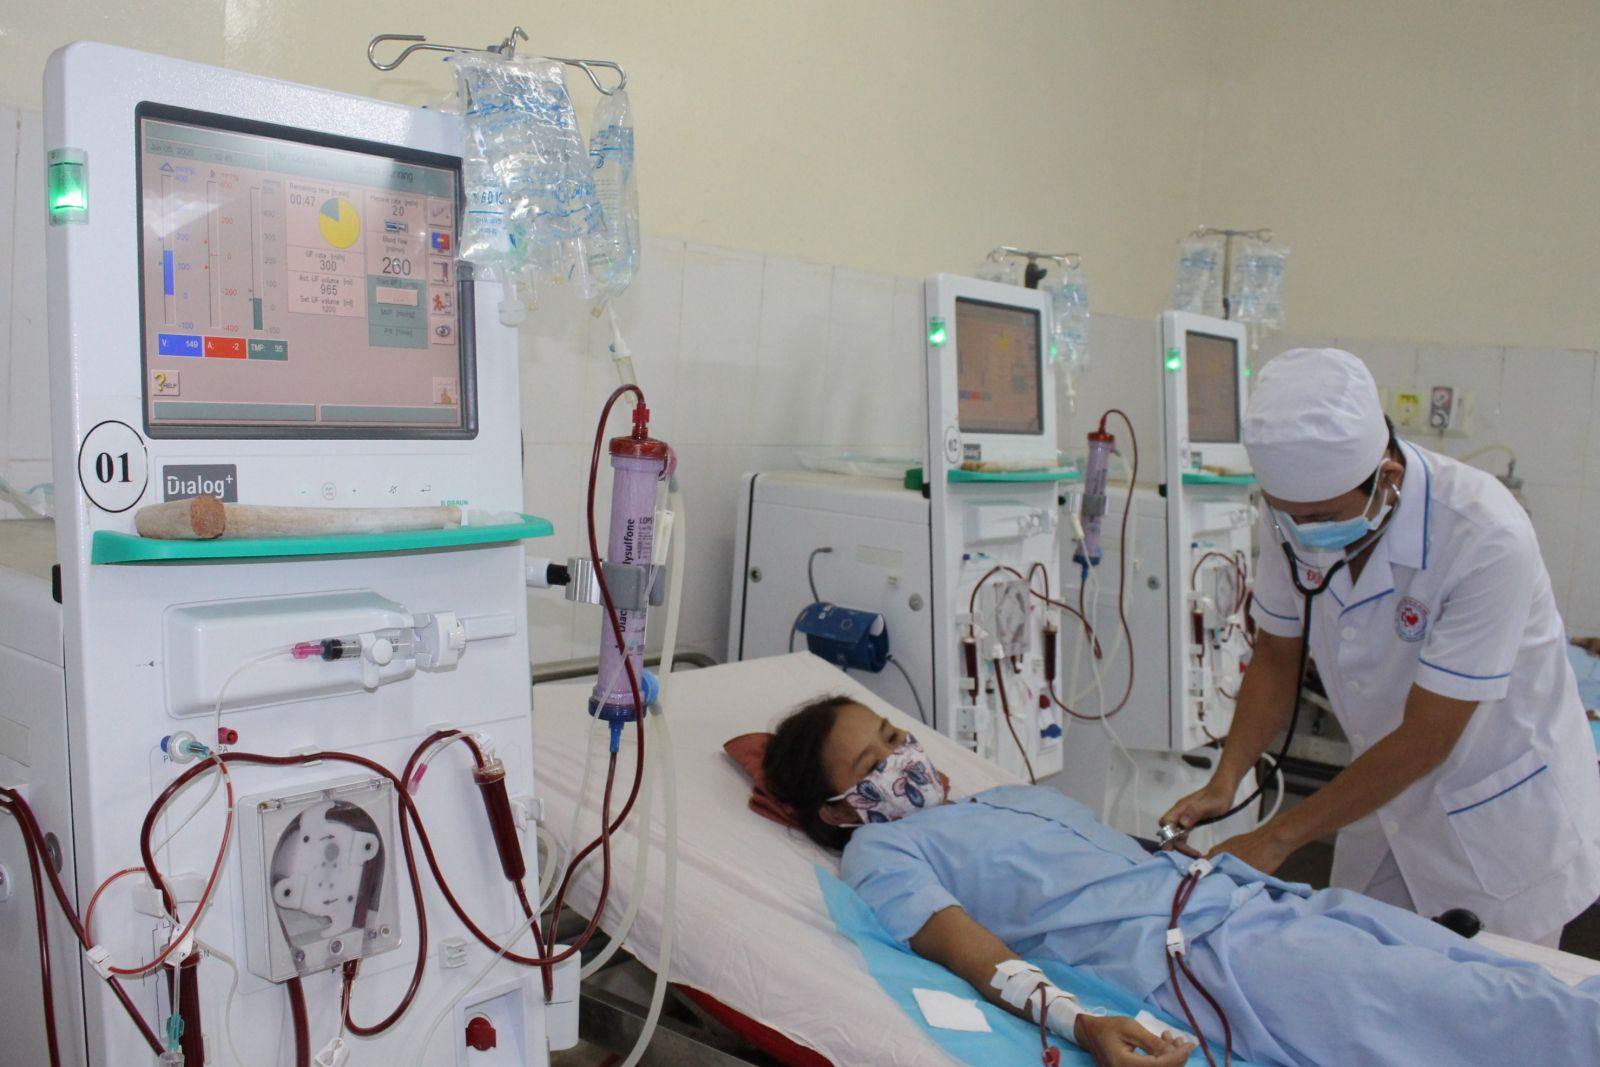 Việc triển khai các dịch vụ y tế hiện đại góp phần nâng cao chất lượng khám, chữa bệnh cho nhân dân trong tình hình mới